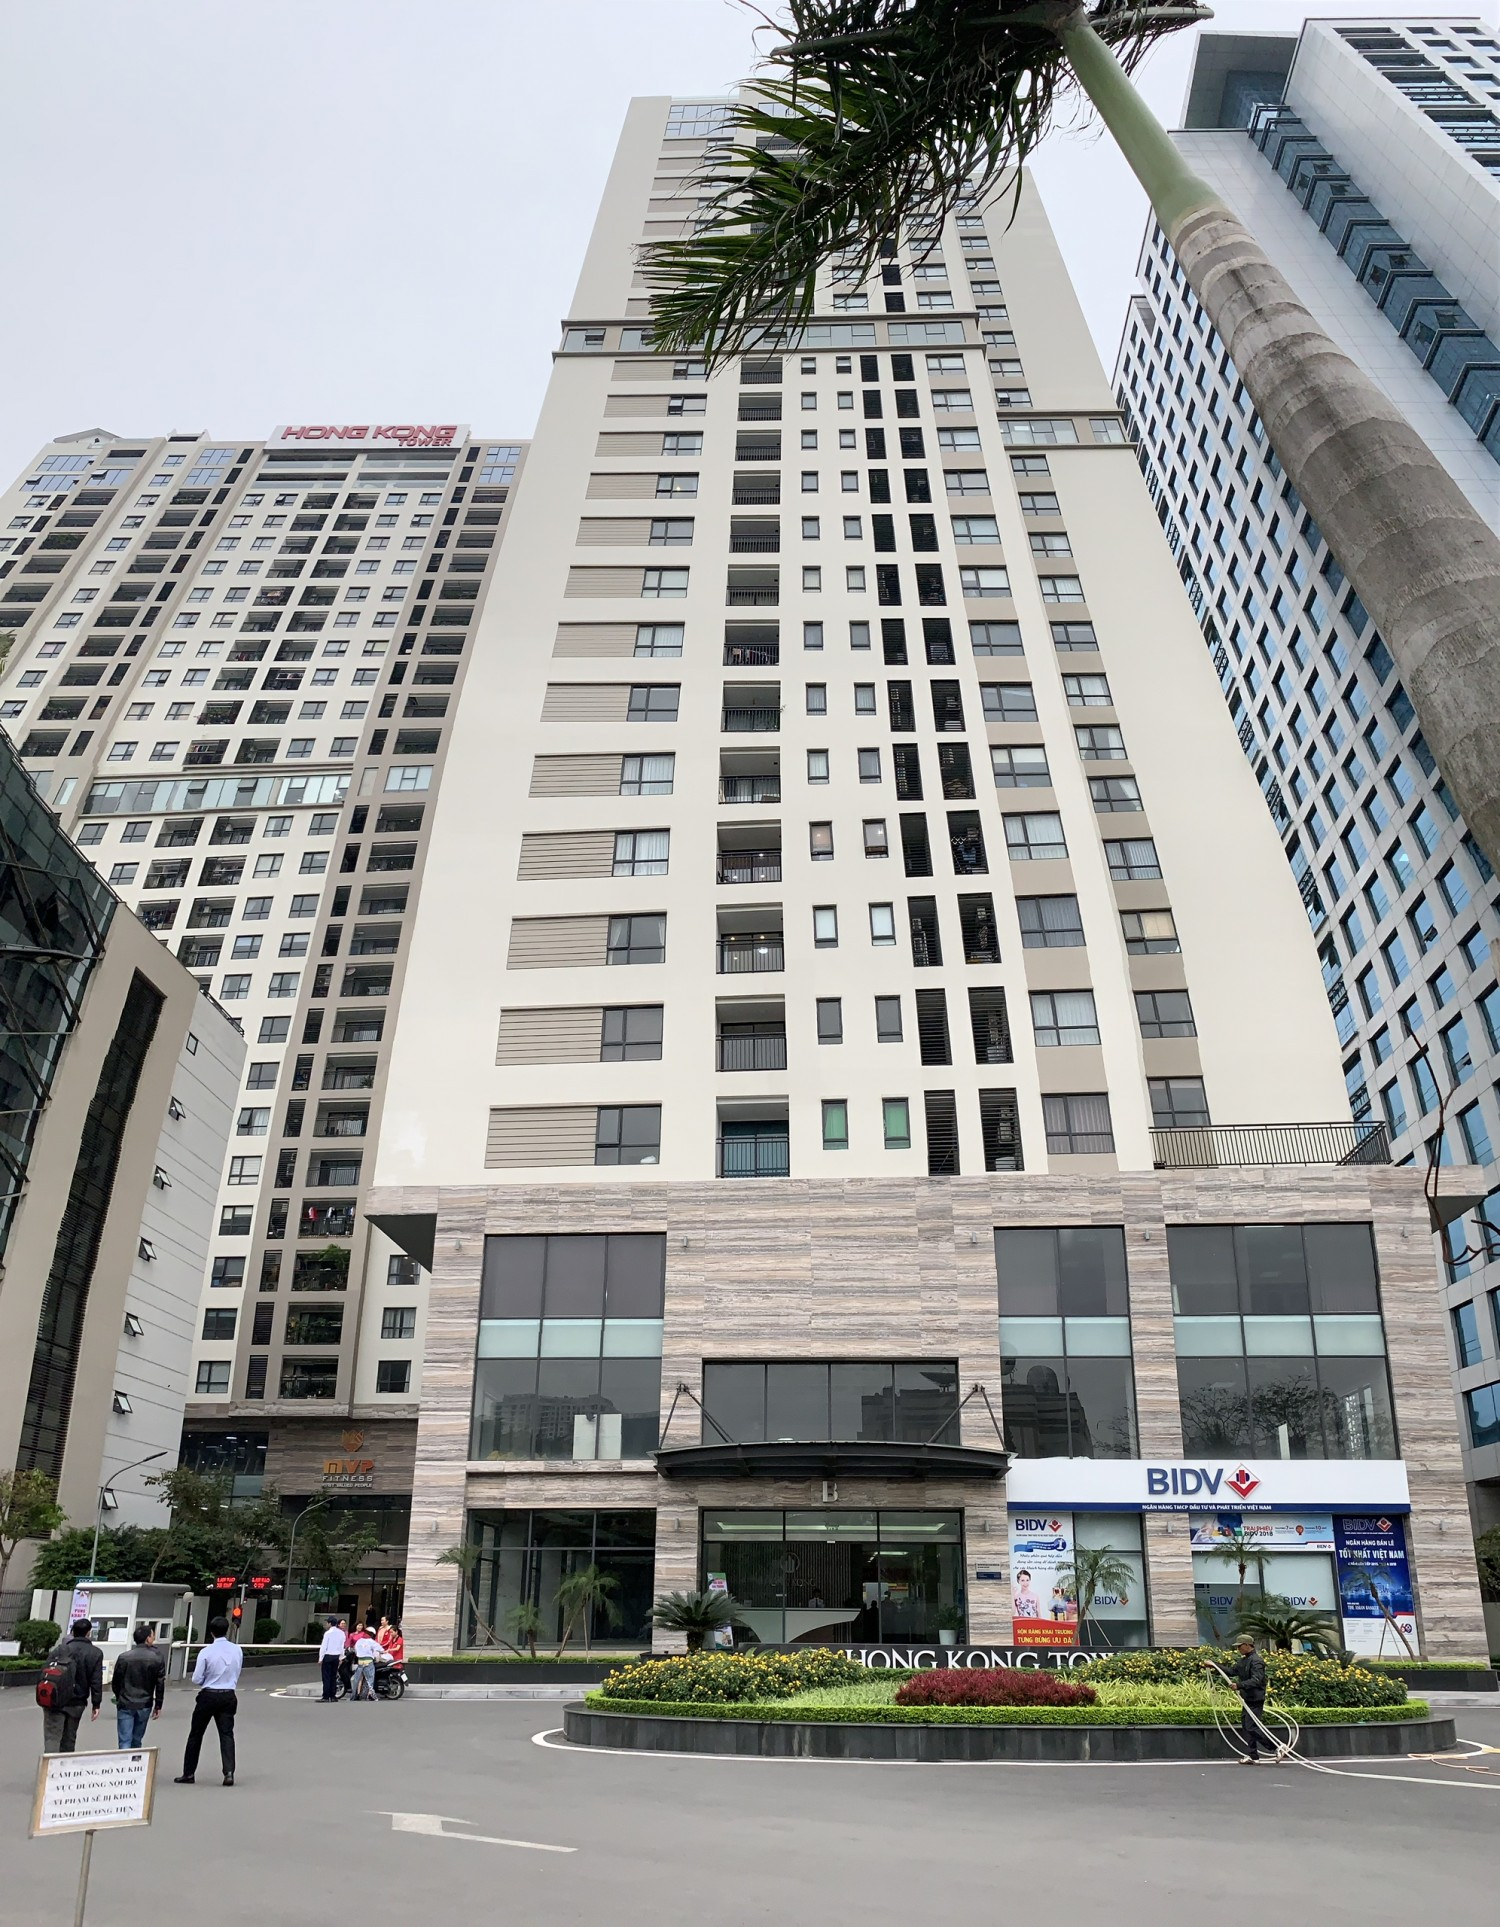 Dự án Hong Kong Tower - 243A Đê La Thành - Hà Nội